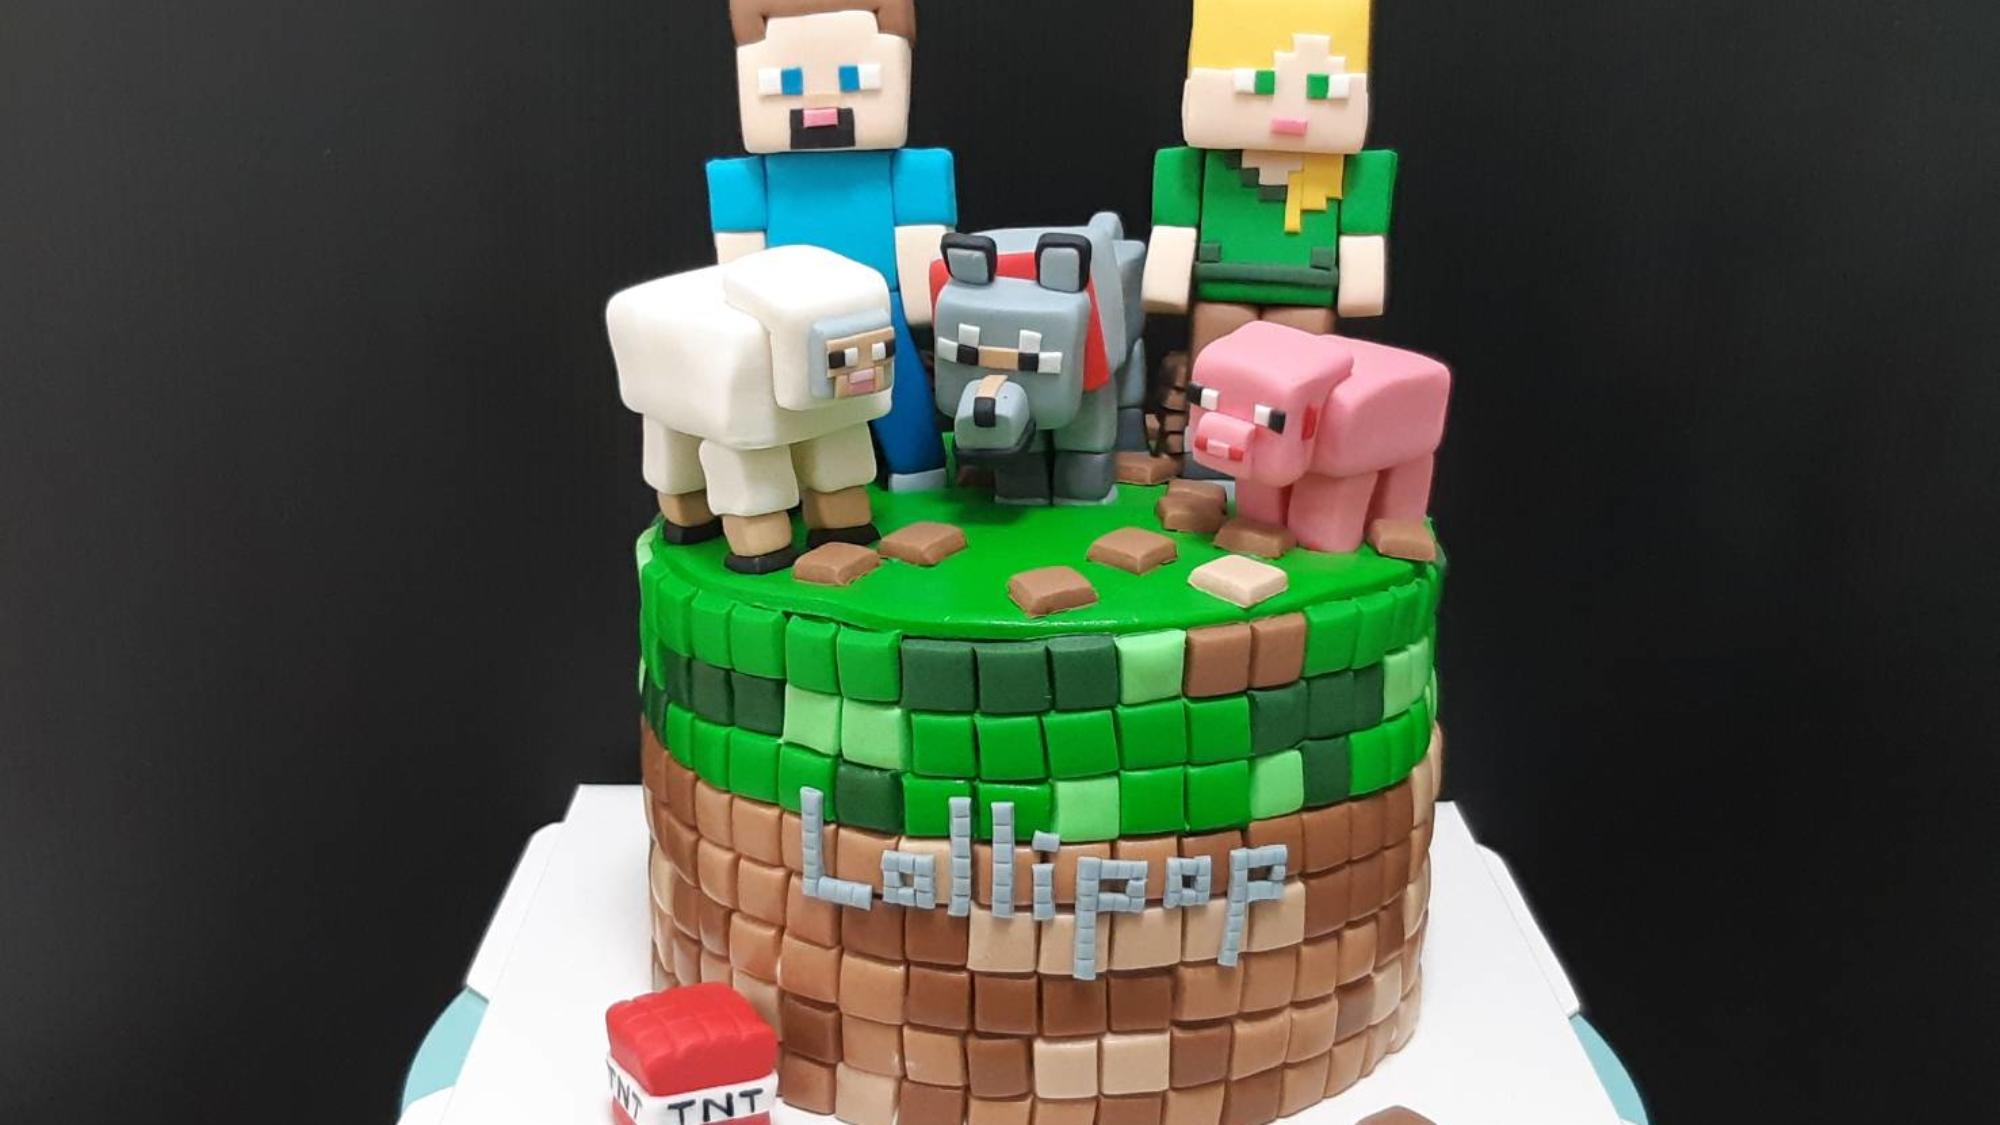 翻攝丹尼爾幸福廚房新品電玩翻糖蛋糕MINECRAFT